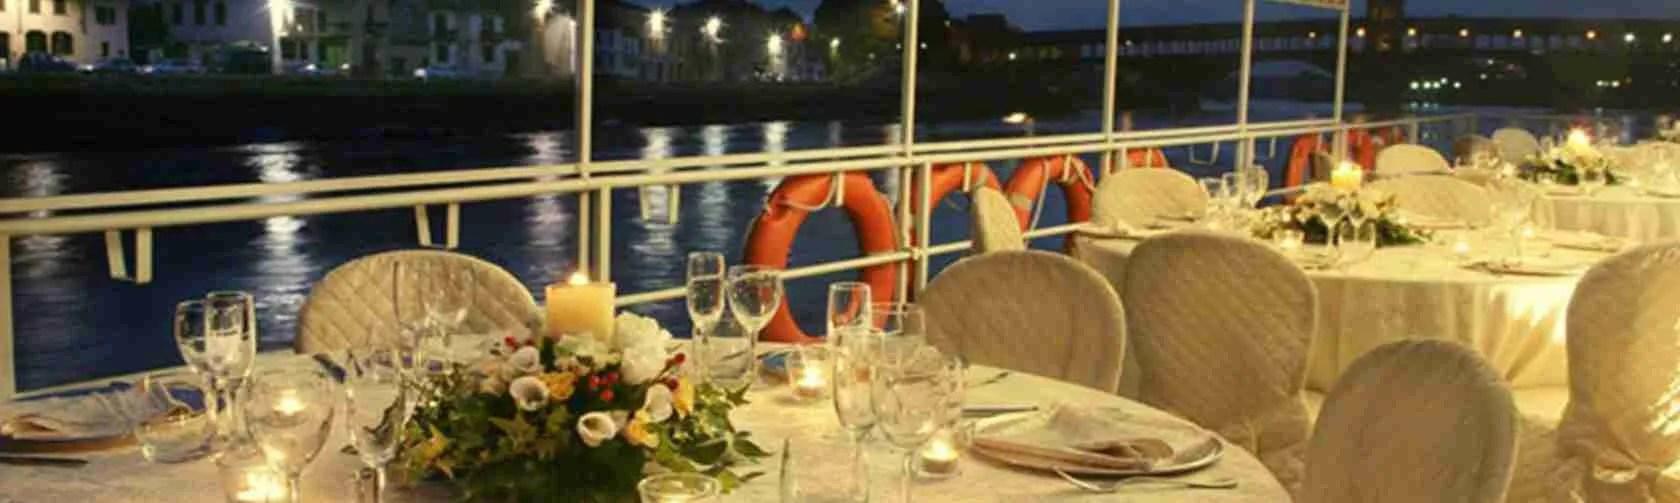 Le escort Pavia adorano i ristoranti di Pavia con vista sul Ticino per una cena romantica.